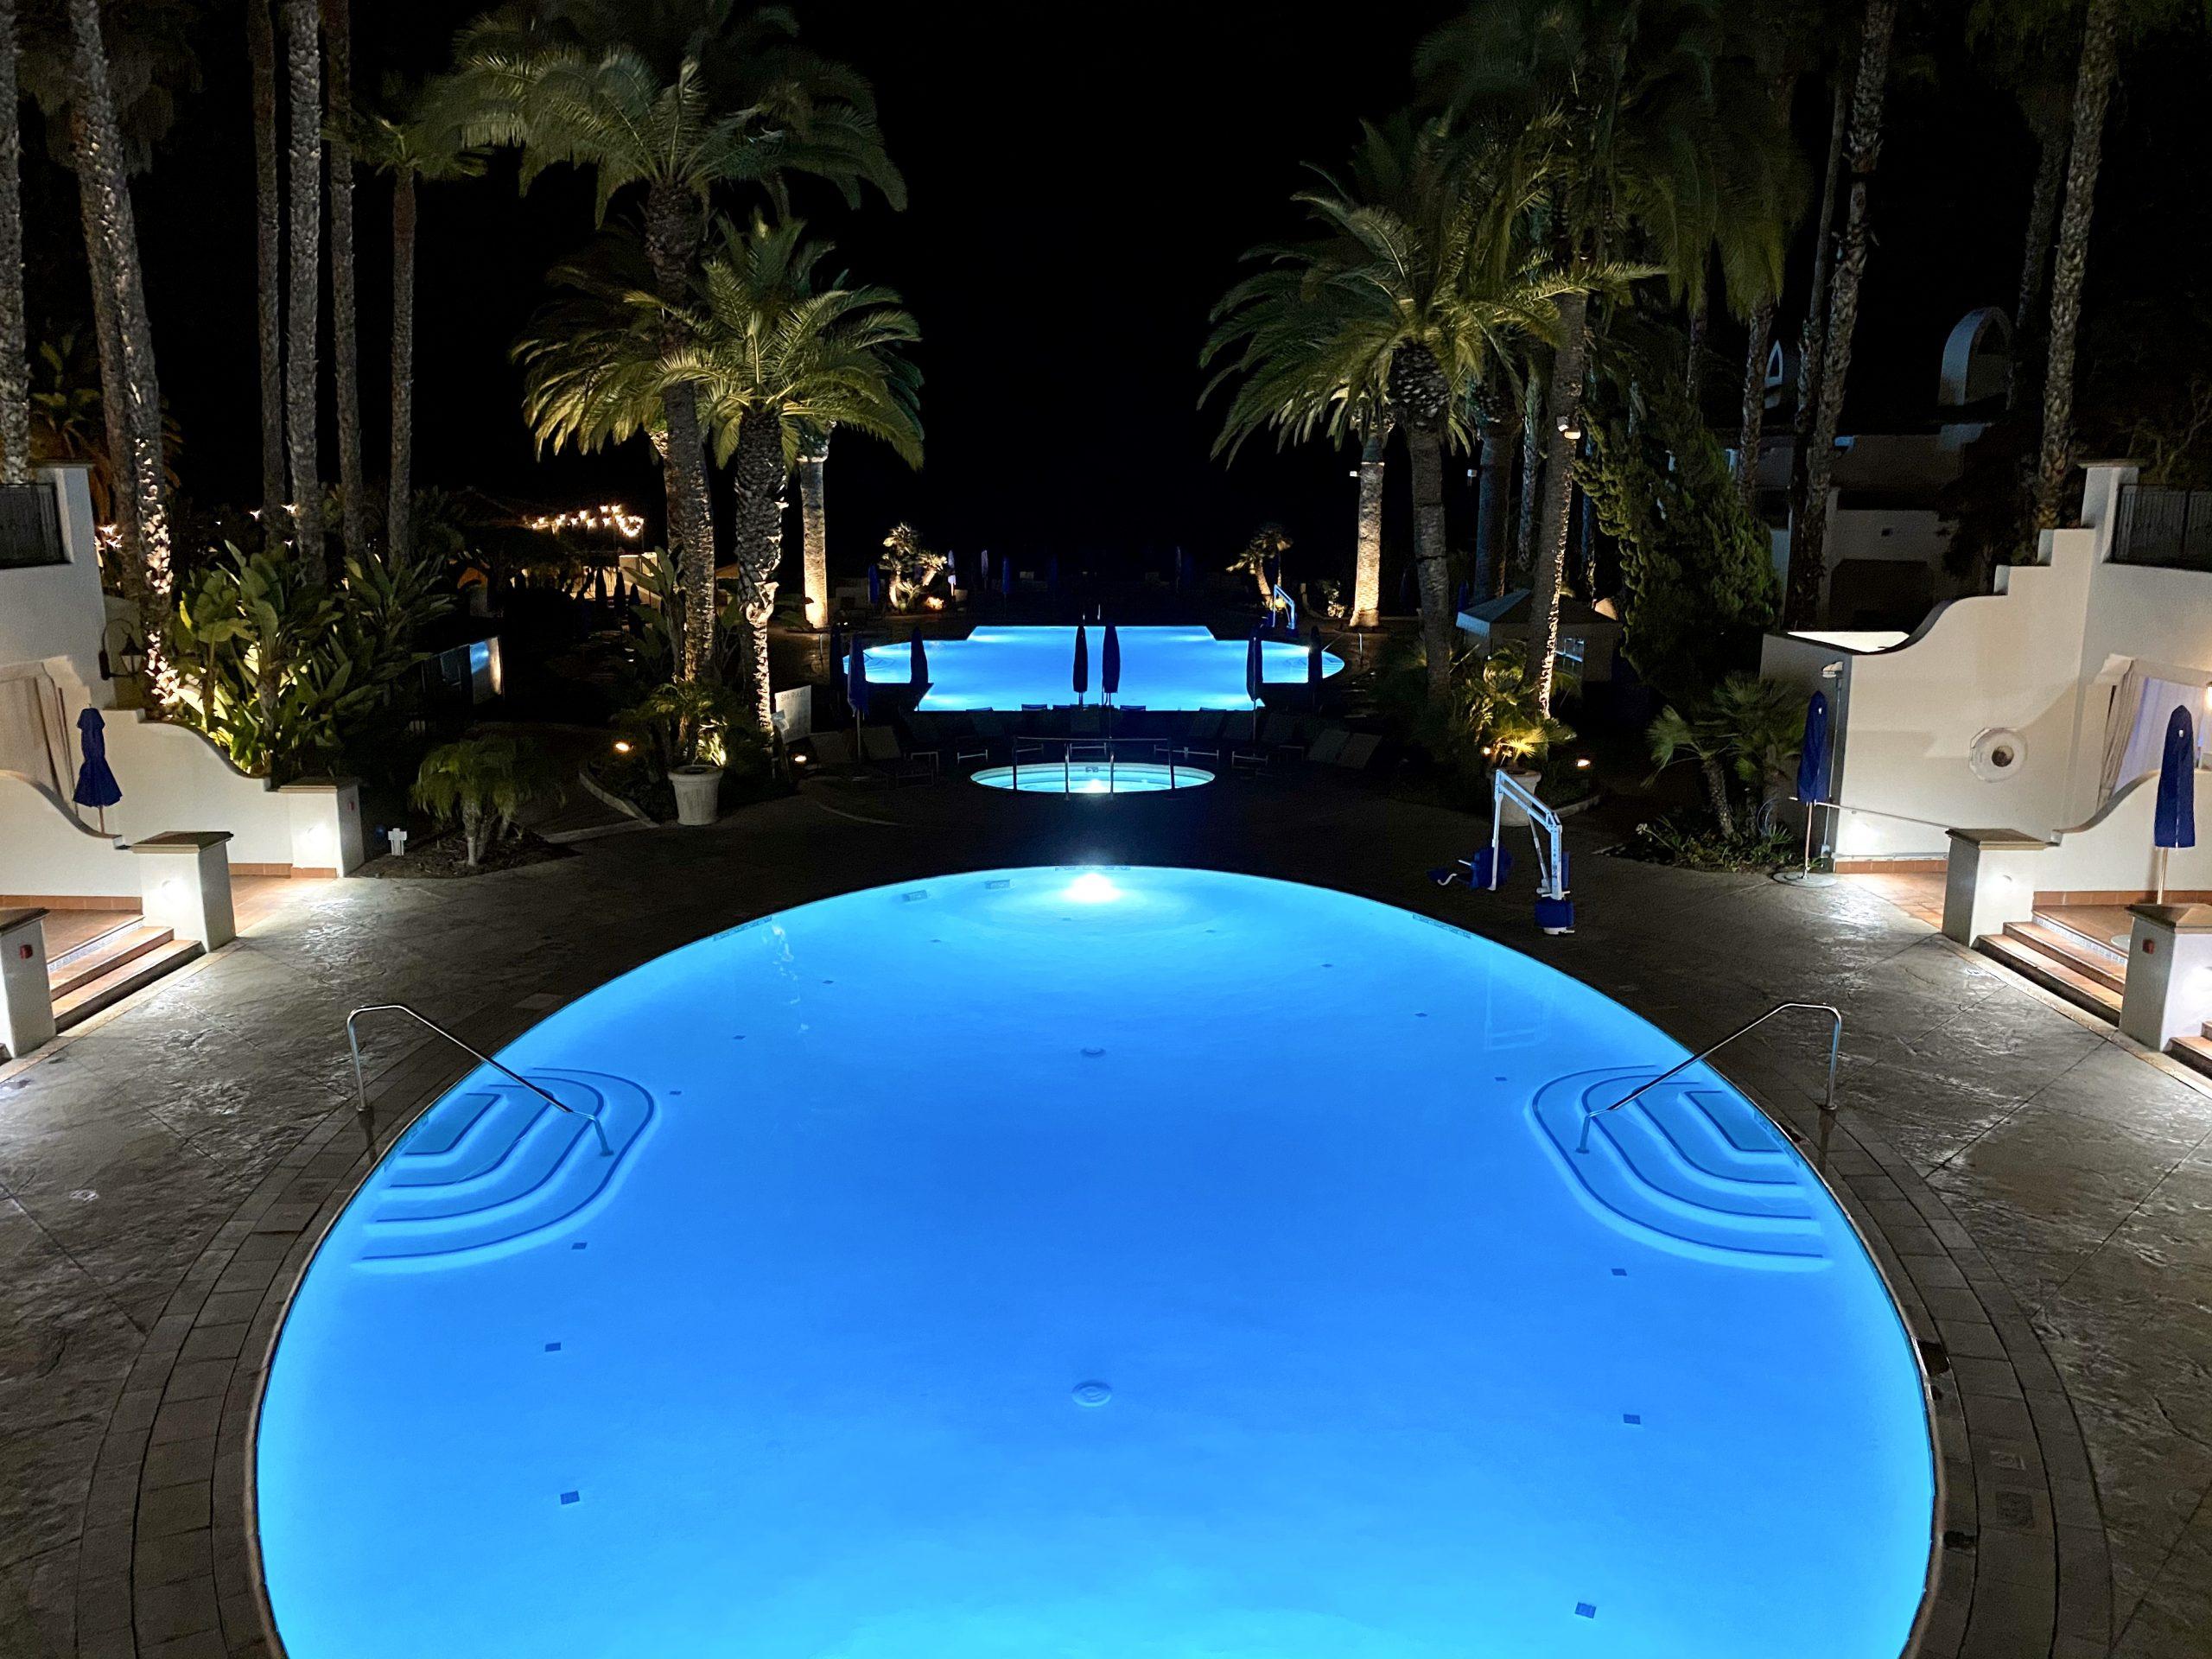 Night view of swimming pools at Ritz-Carlton Bacara Resort in Santa Barbara, CA